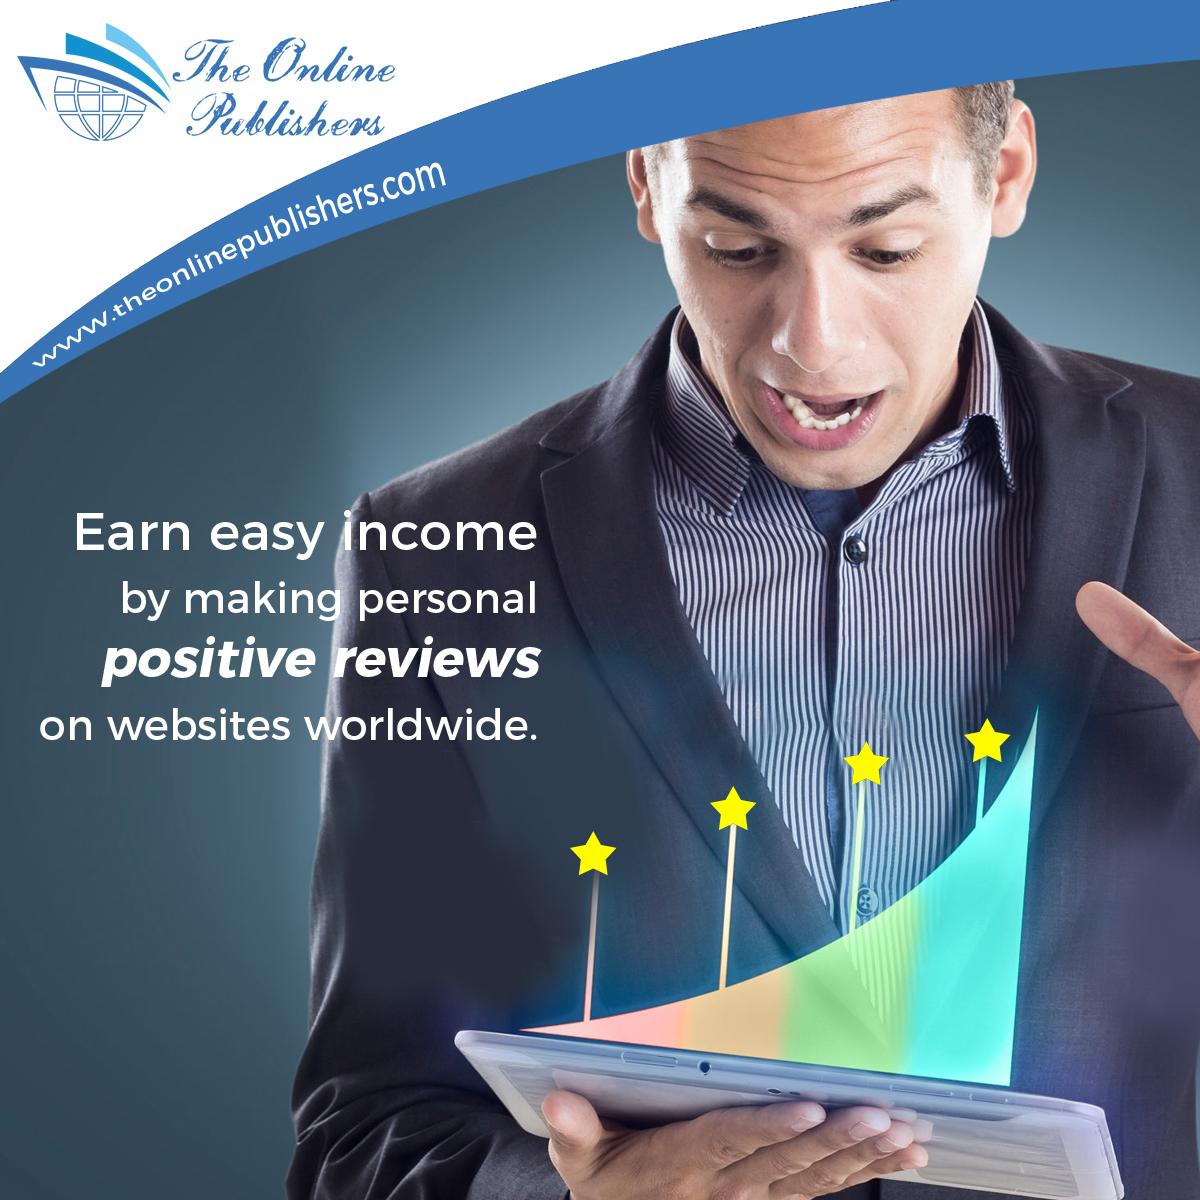 إنضم إلى منصّة The Online Publishers واكسب المال الآن بسهولة!